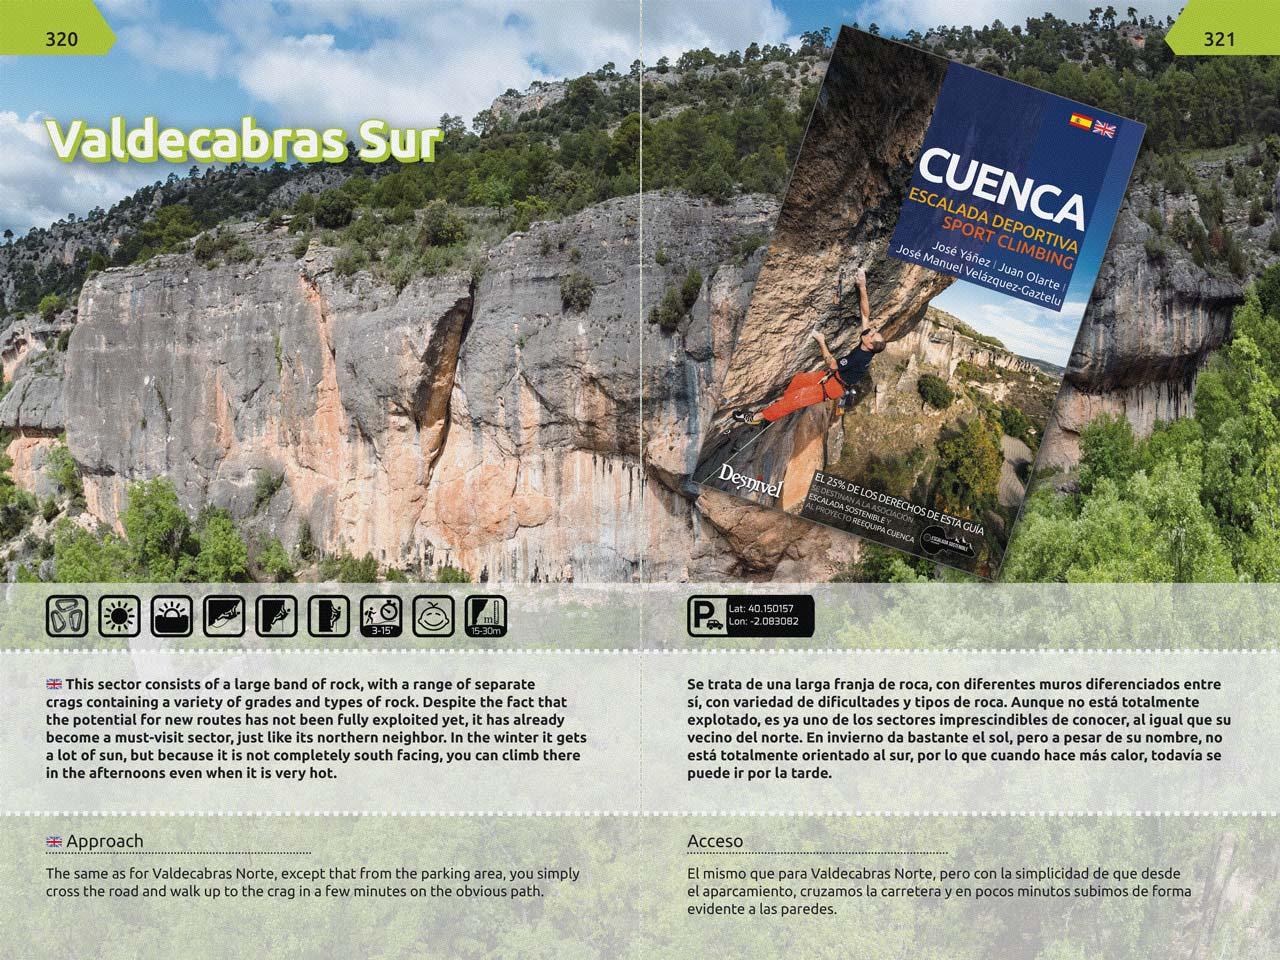 Nuevos iconos informativos. En inglés y castellano. Nueva guía de escalada en Cuenca